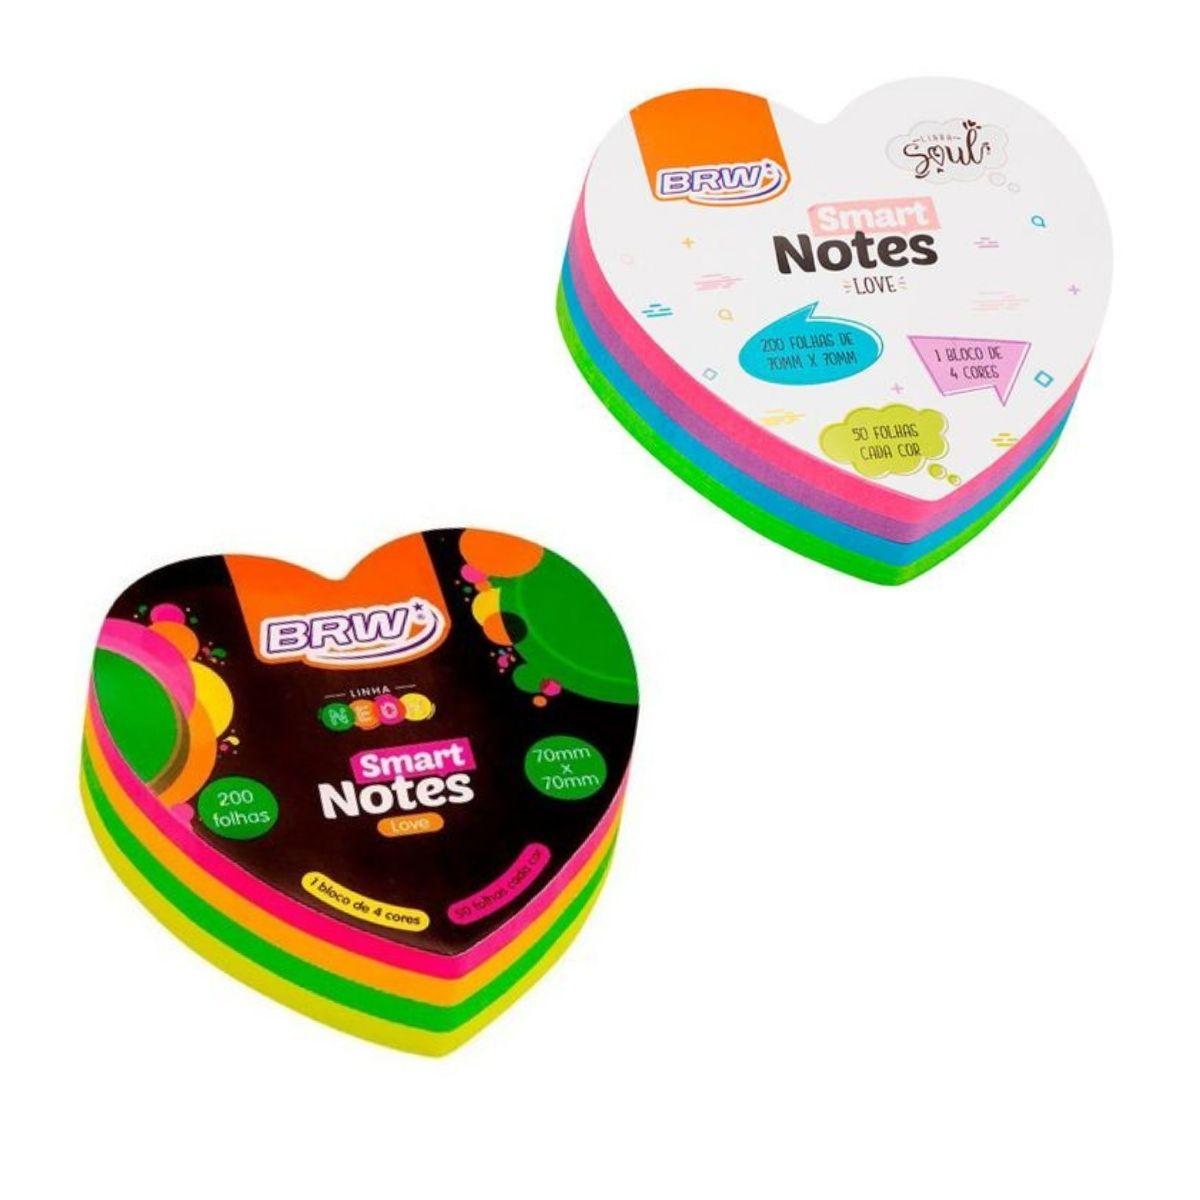 Bloco Adesivo BRW Smart Notes Love Coração Colorido 70x70mm